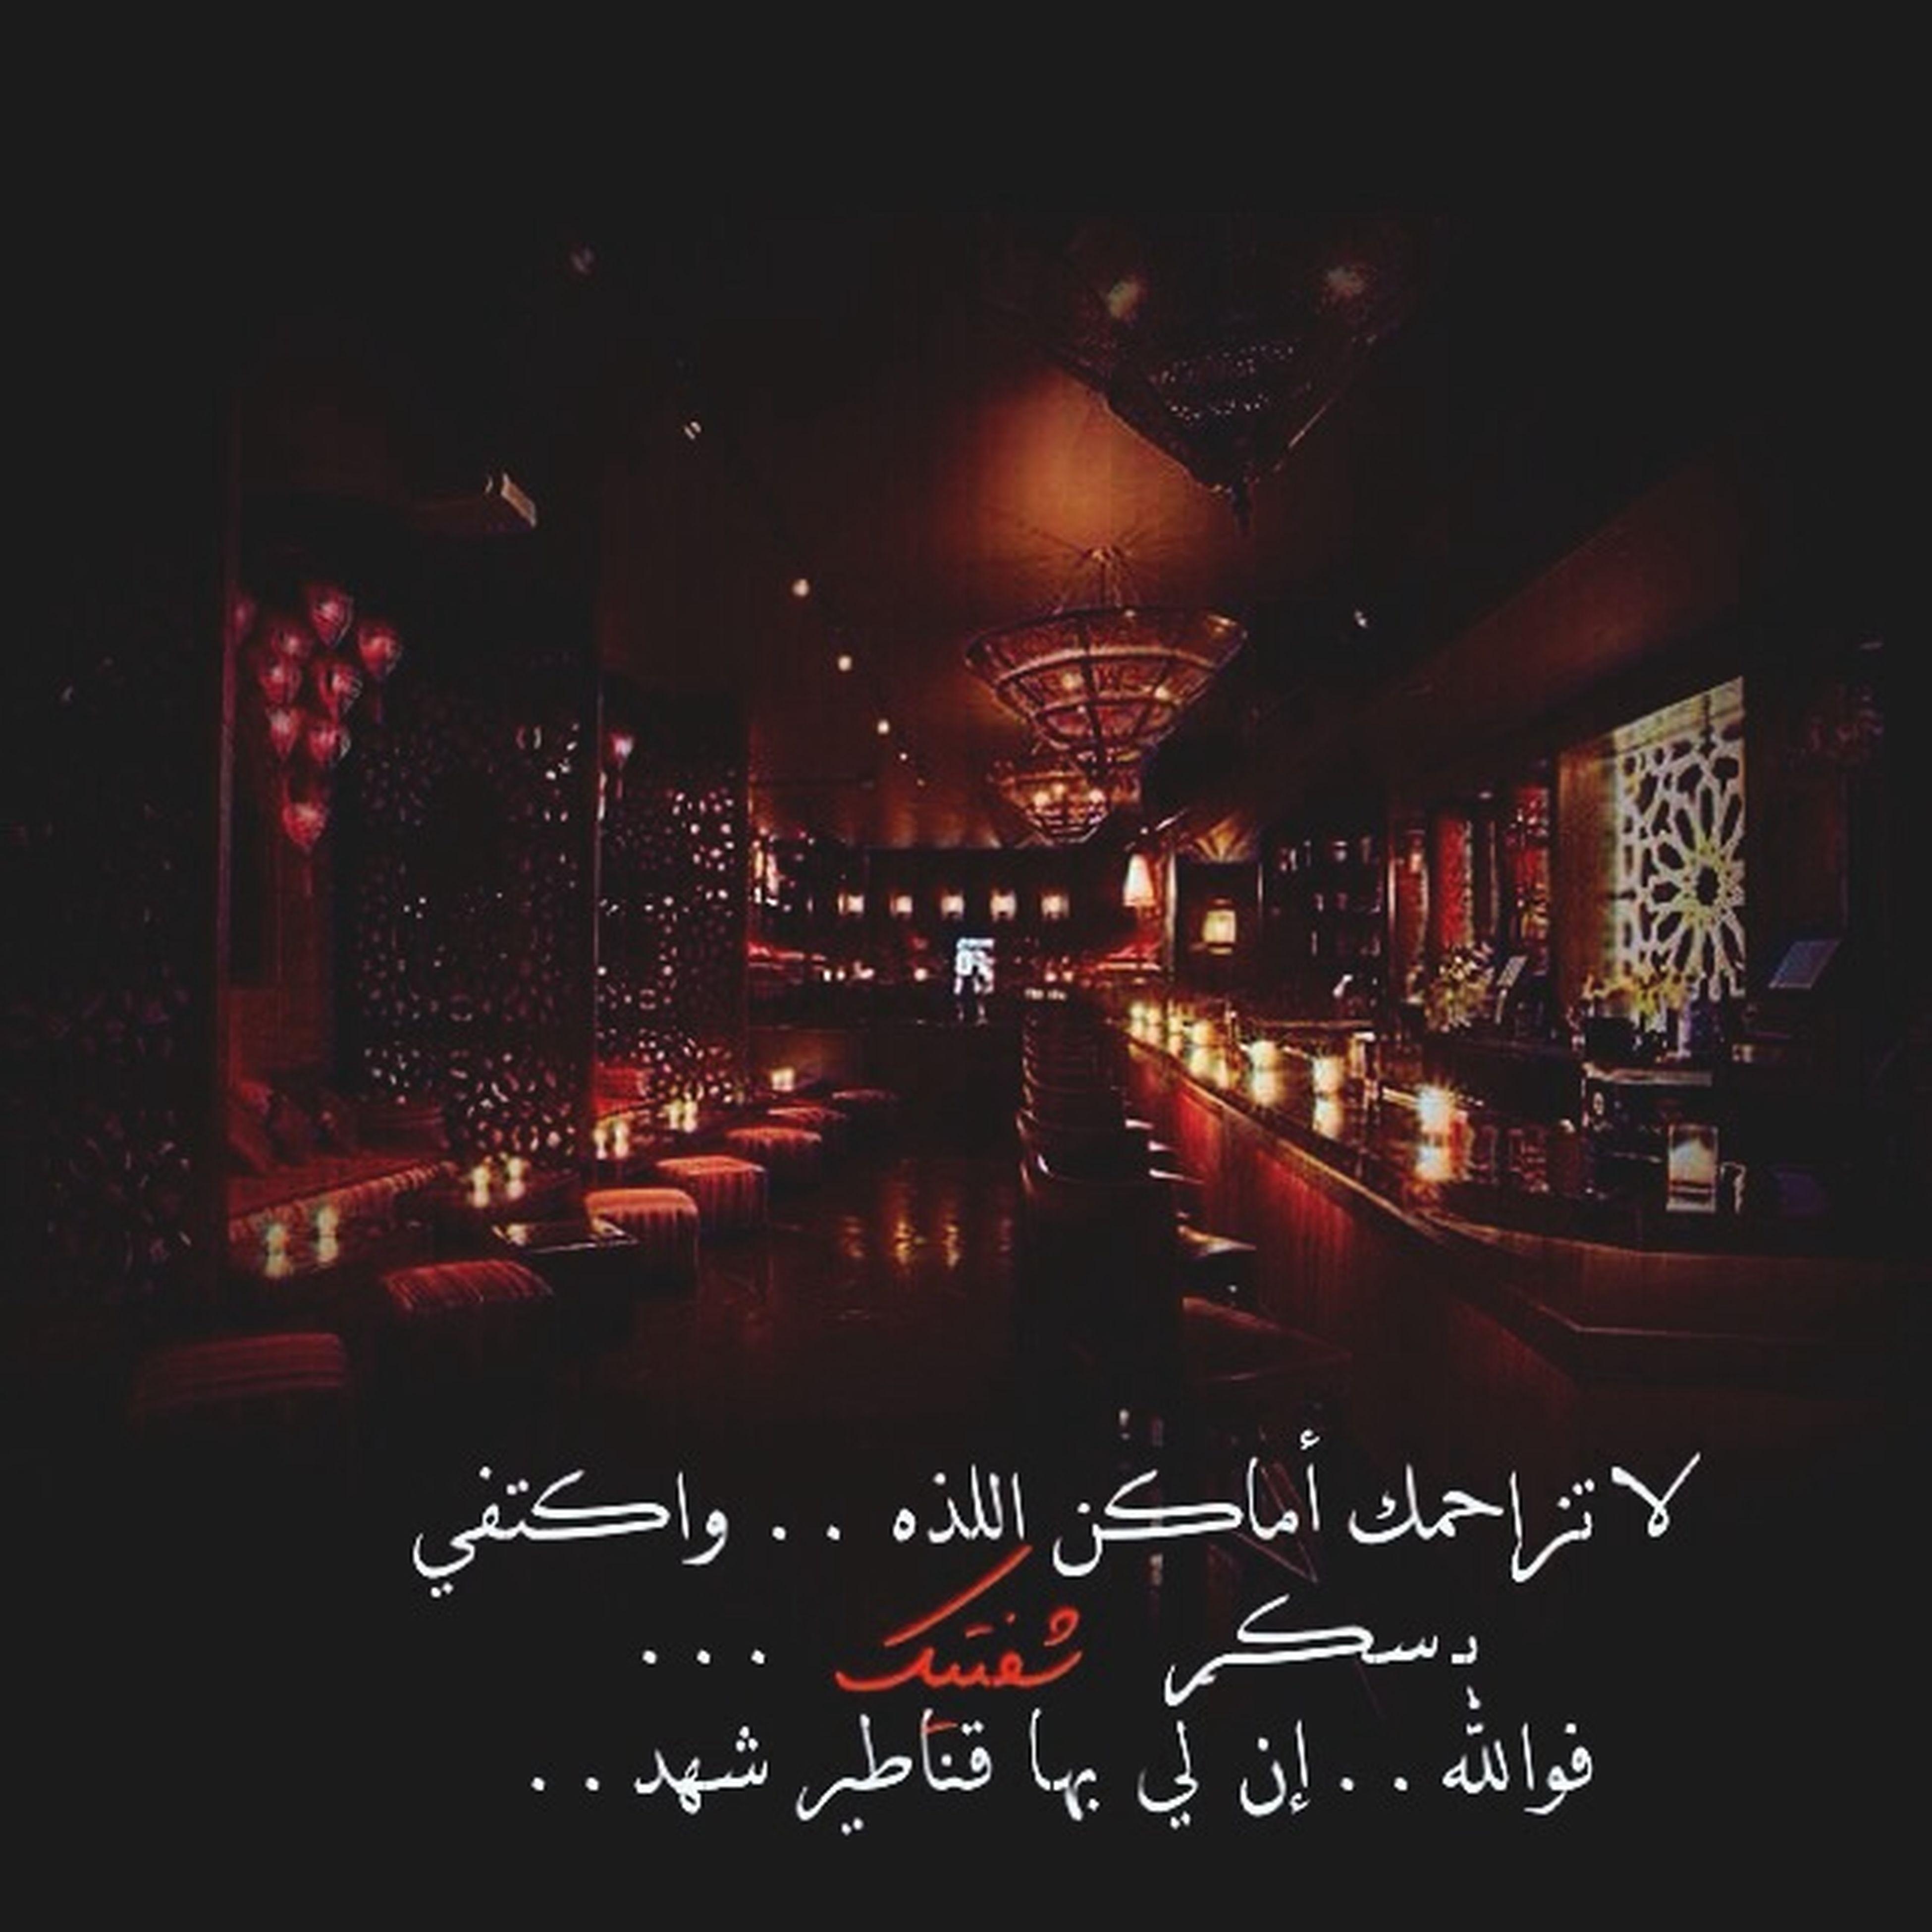 الرياض شعر بنات  People Watching